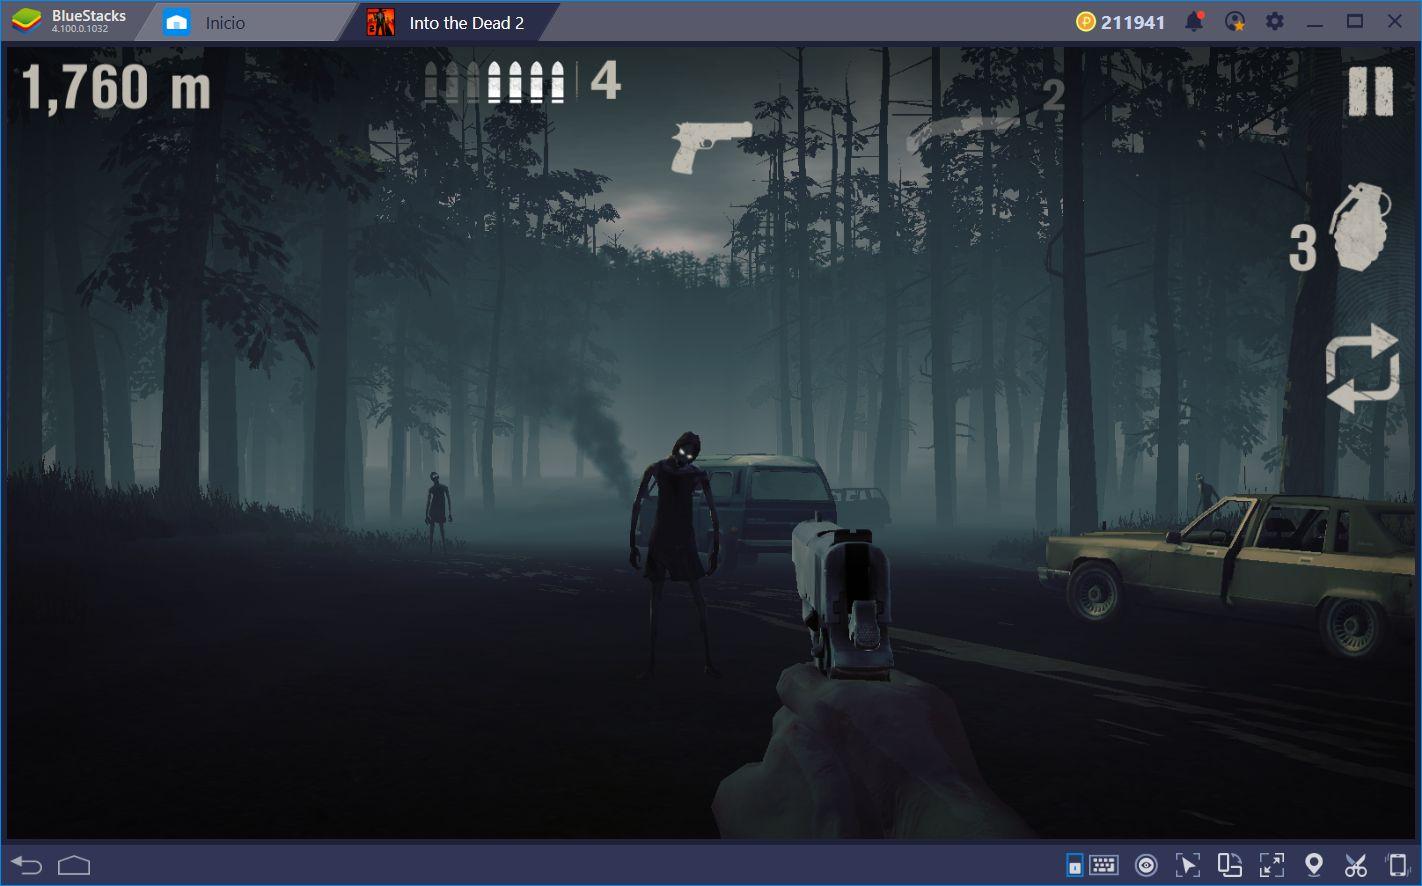 Sobrevive la Horda Zombi en Into the Dead 2 Con Estos Trucos y Consejos